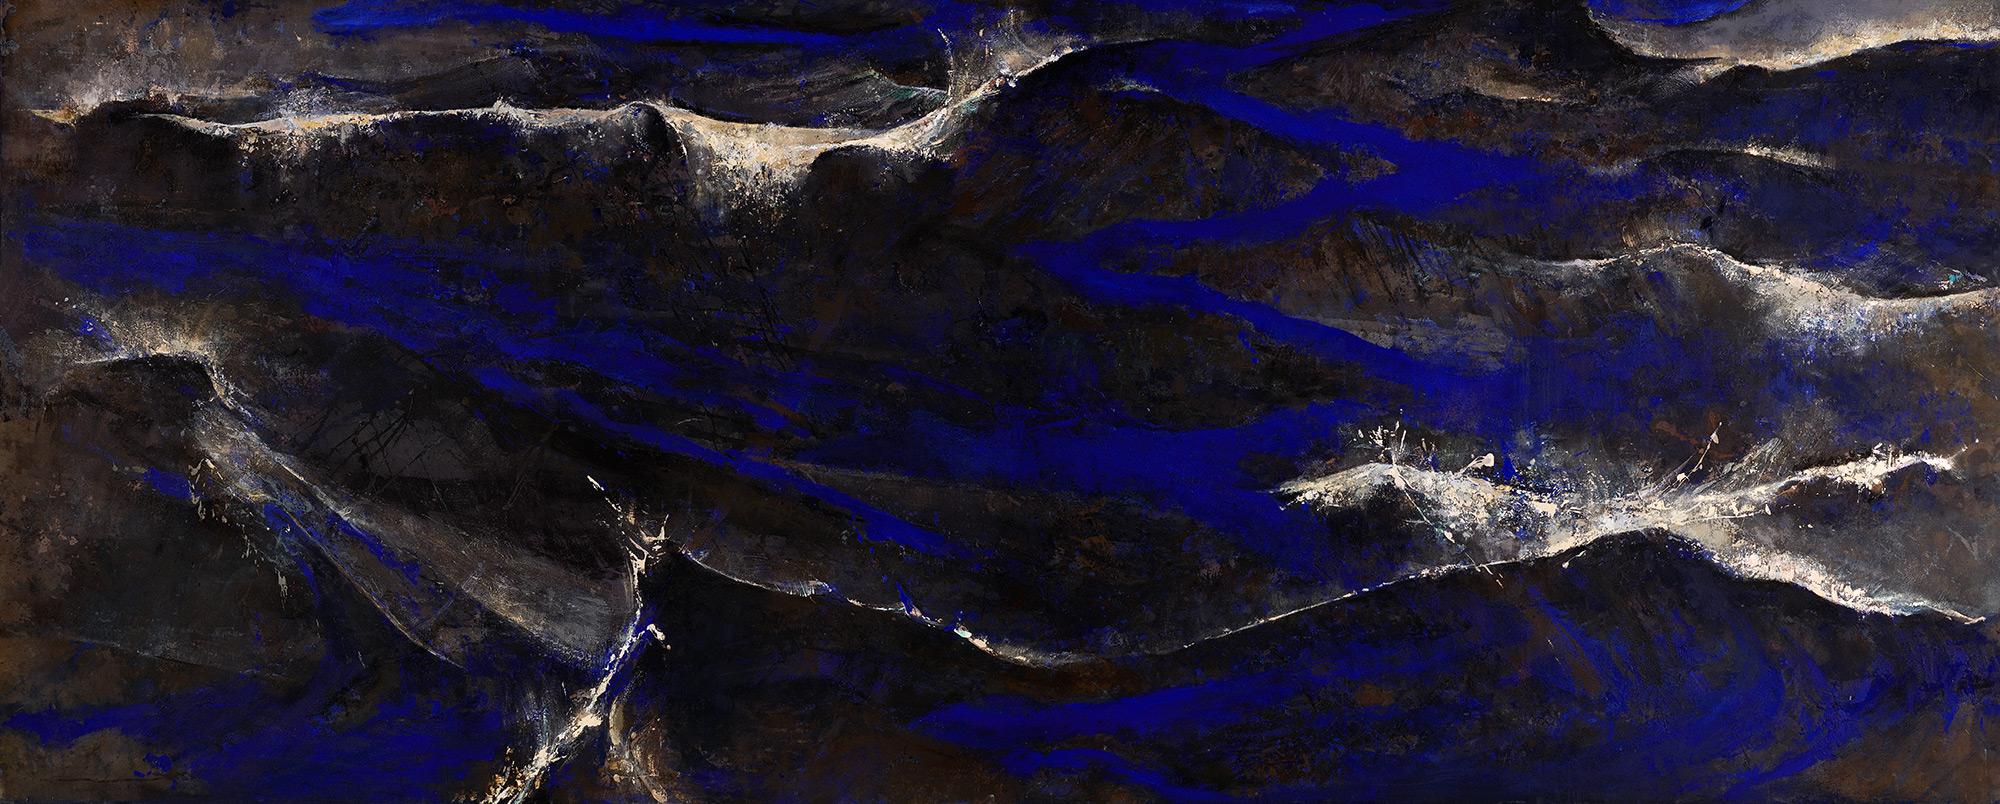 51°15' N2°18' E  1987-89, 173 x 427 cm